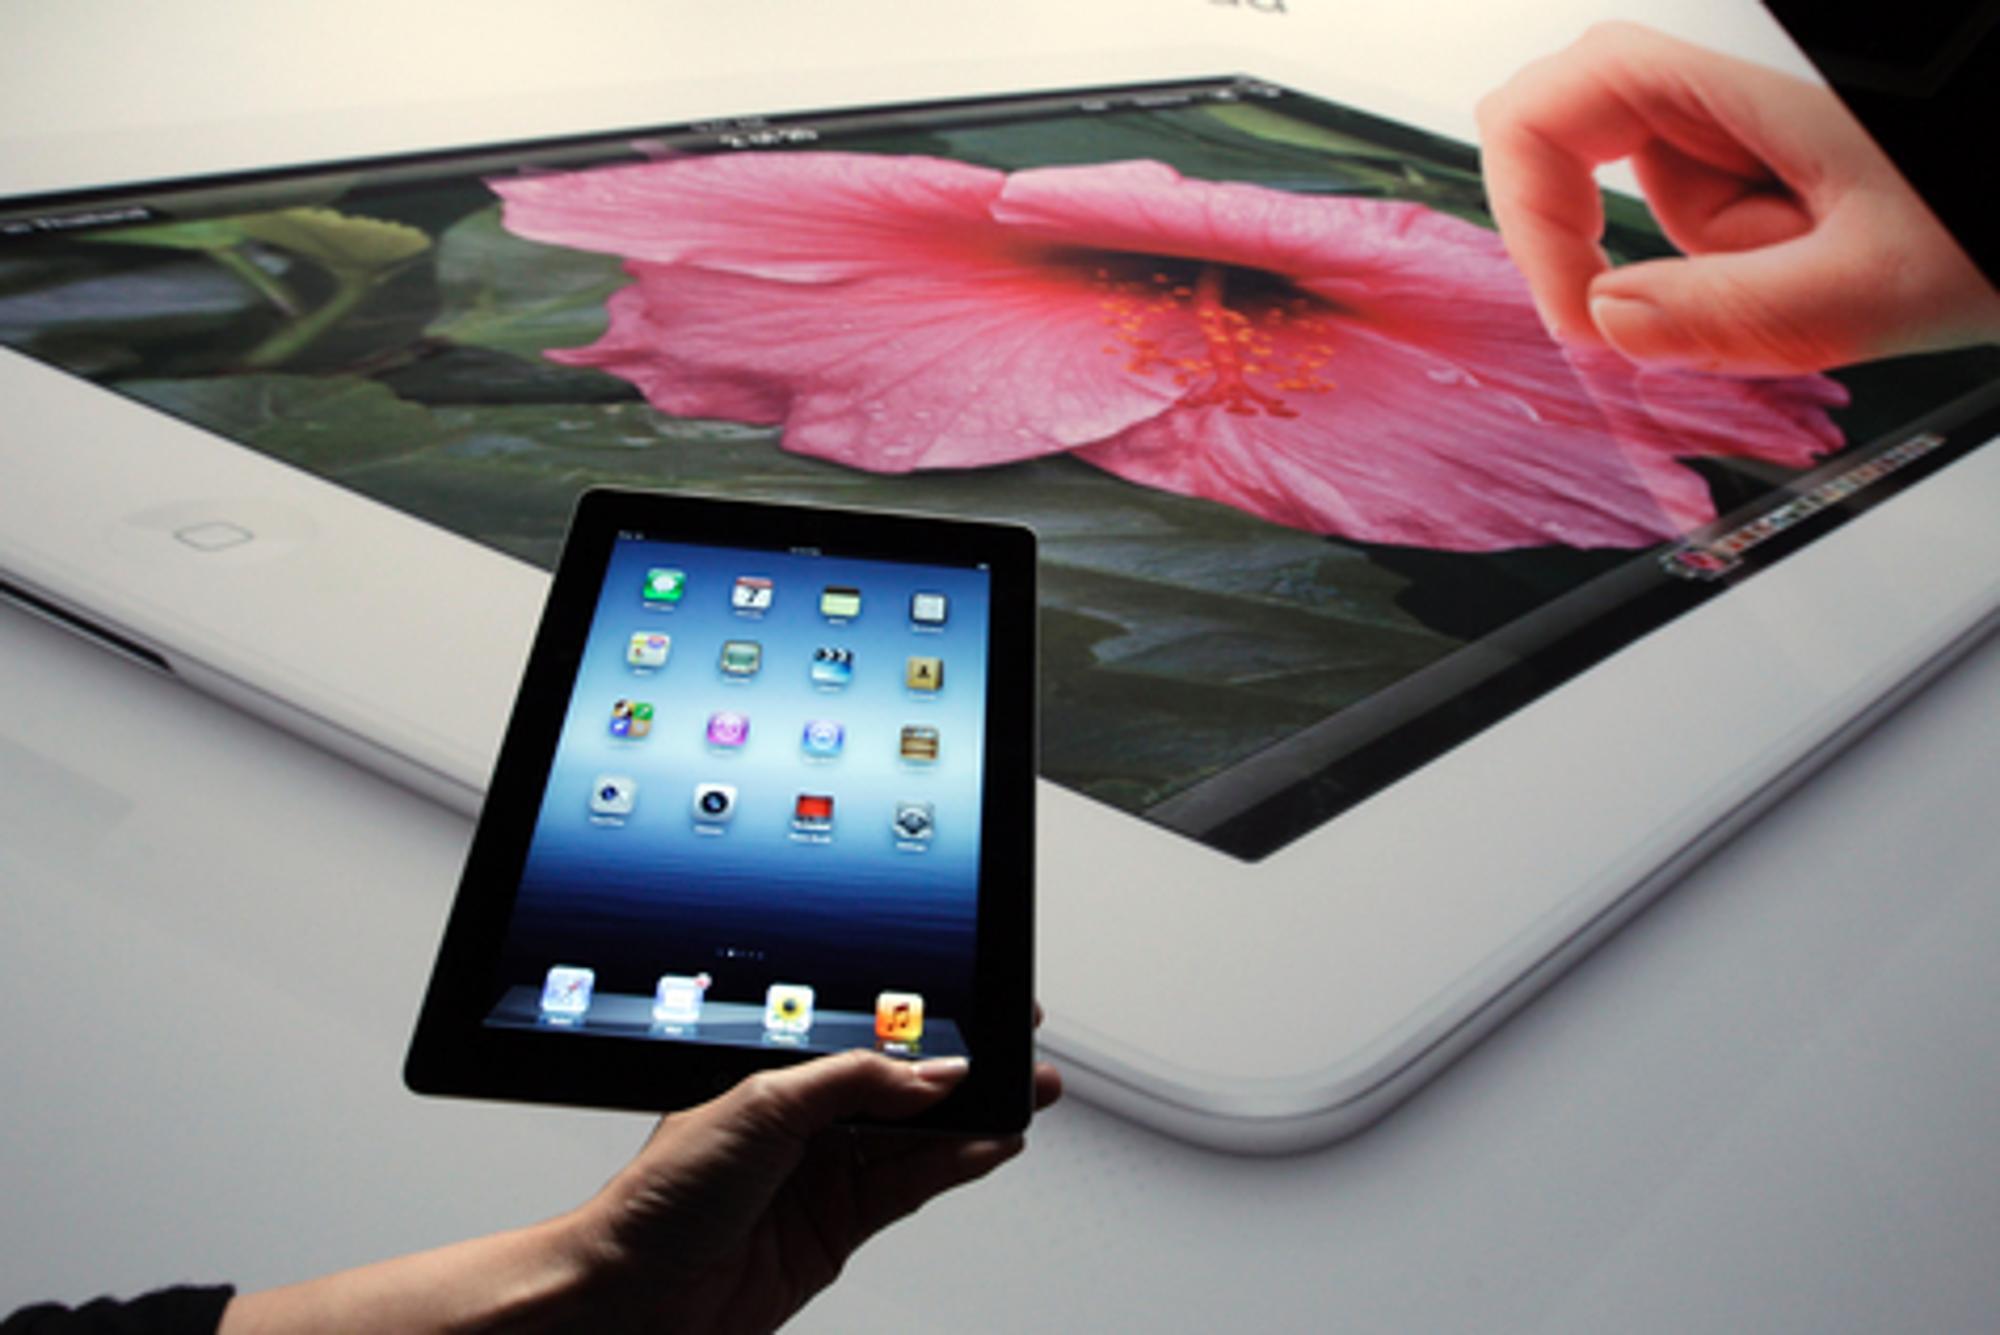 Порнуху смотреть на айпаде, Бесплатное порно для iPad. Новое видео каждый день 22 фотография